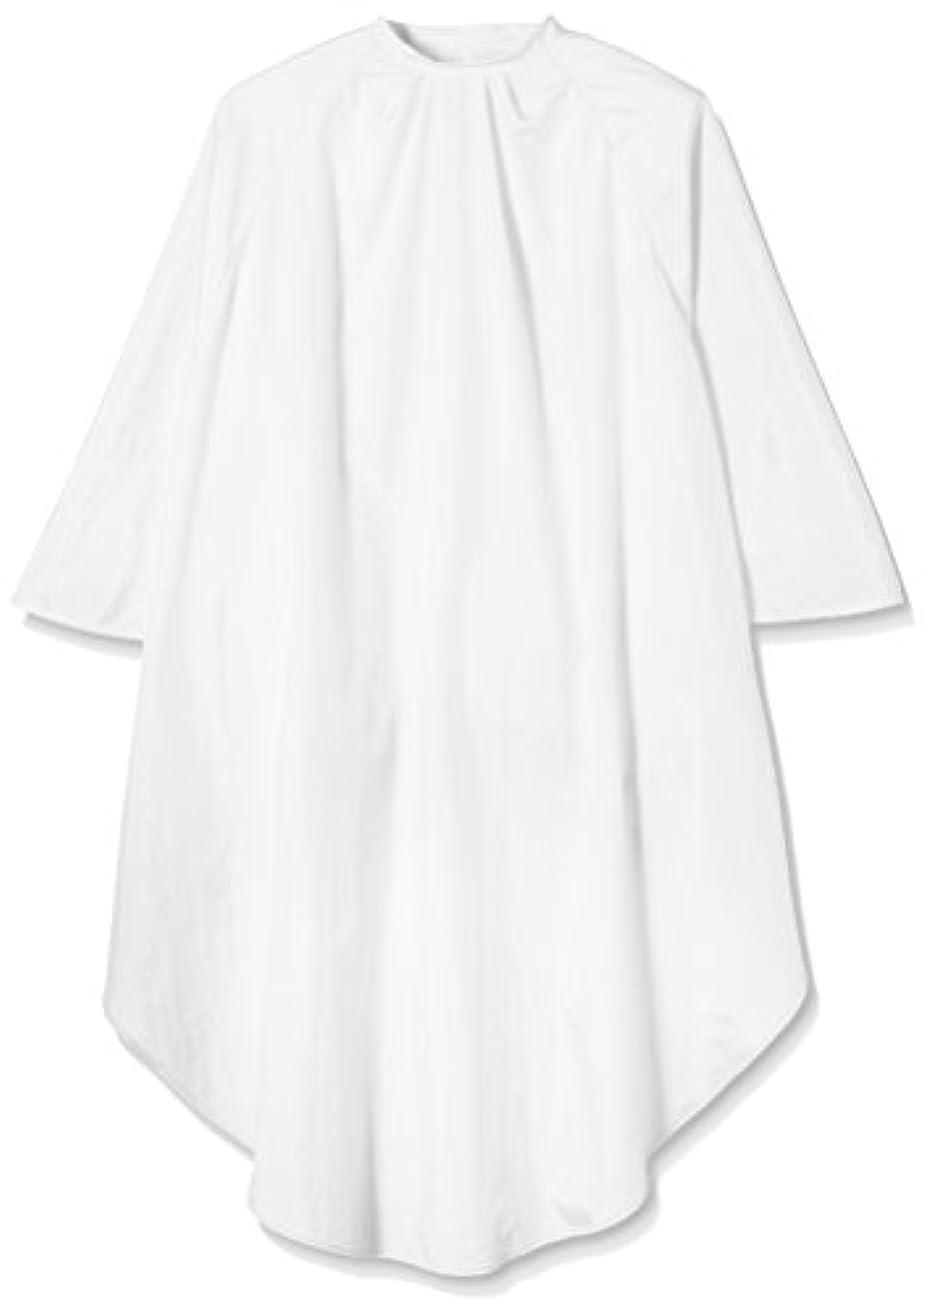 エンドウケニア活気づくTBG 袖付きカットクロスATD ホワイト